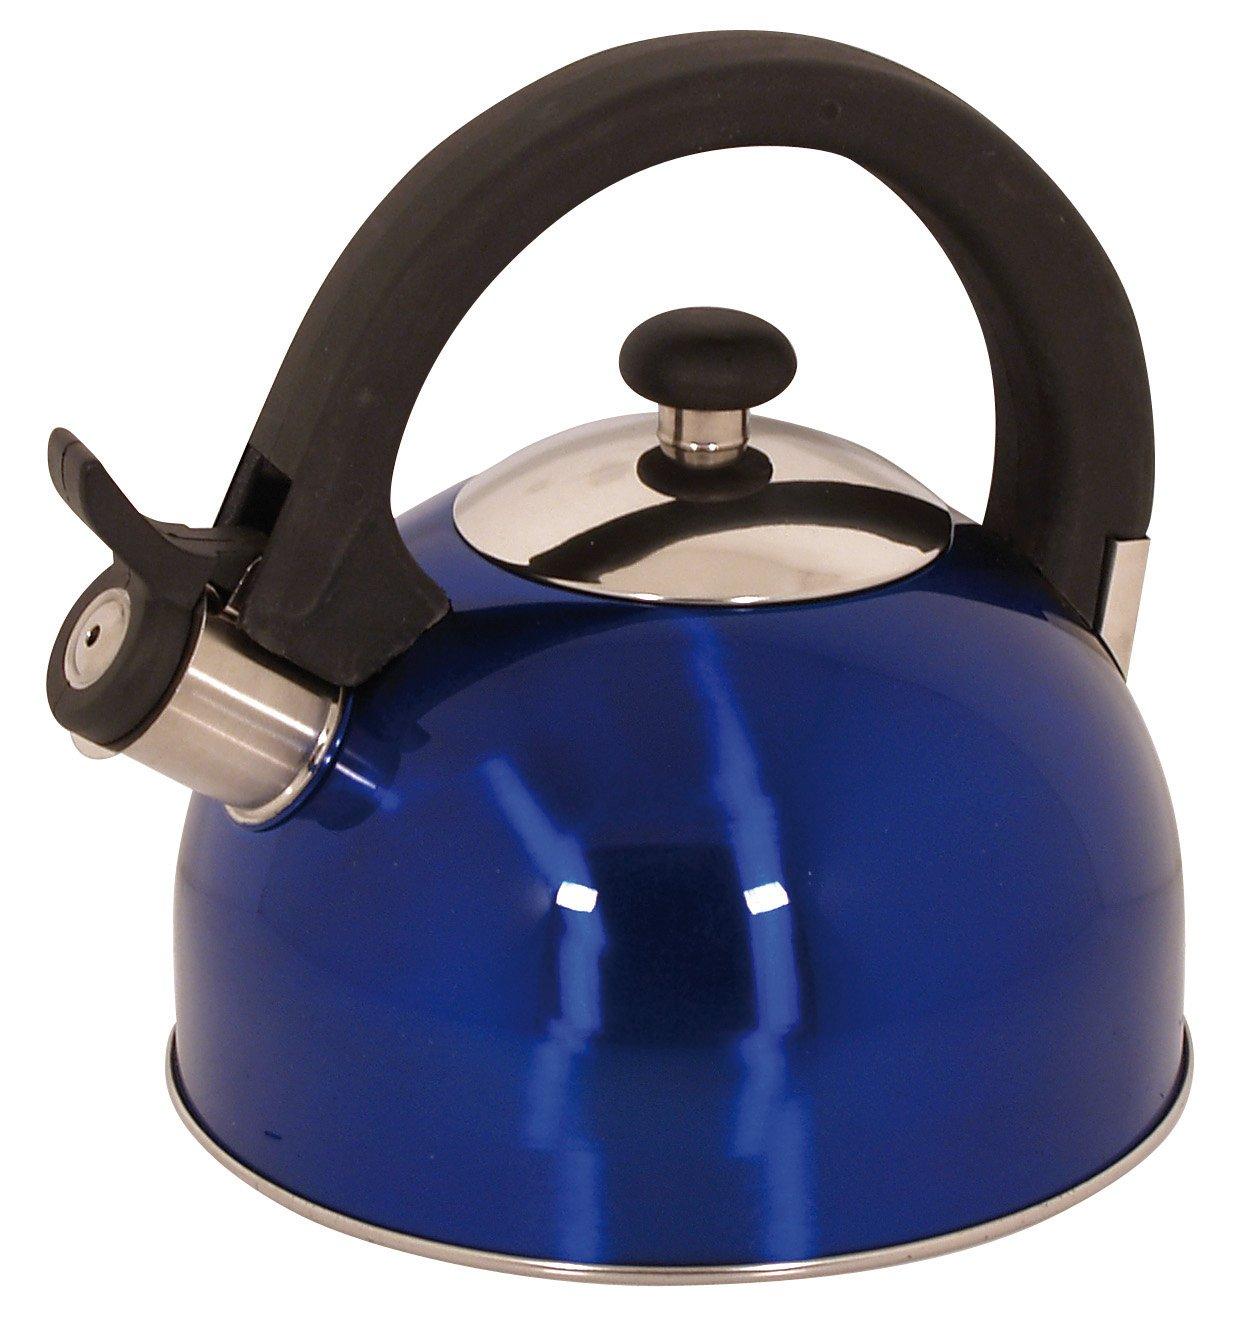 Magefesa 2.1-Quart Sabal Stainless Steel Tea Kettle Blue 10